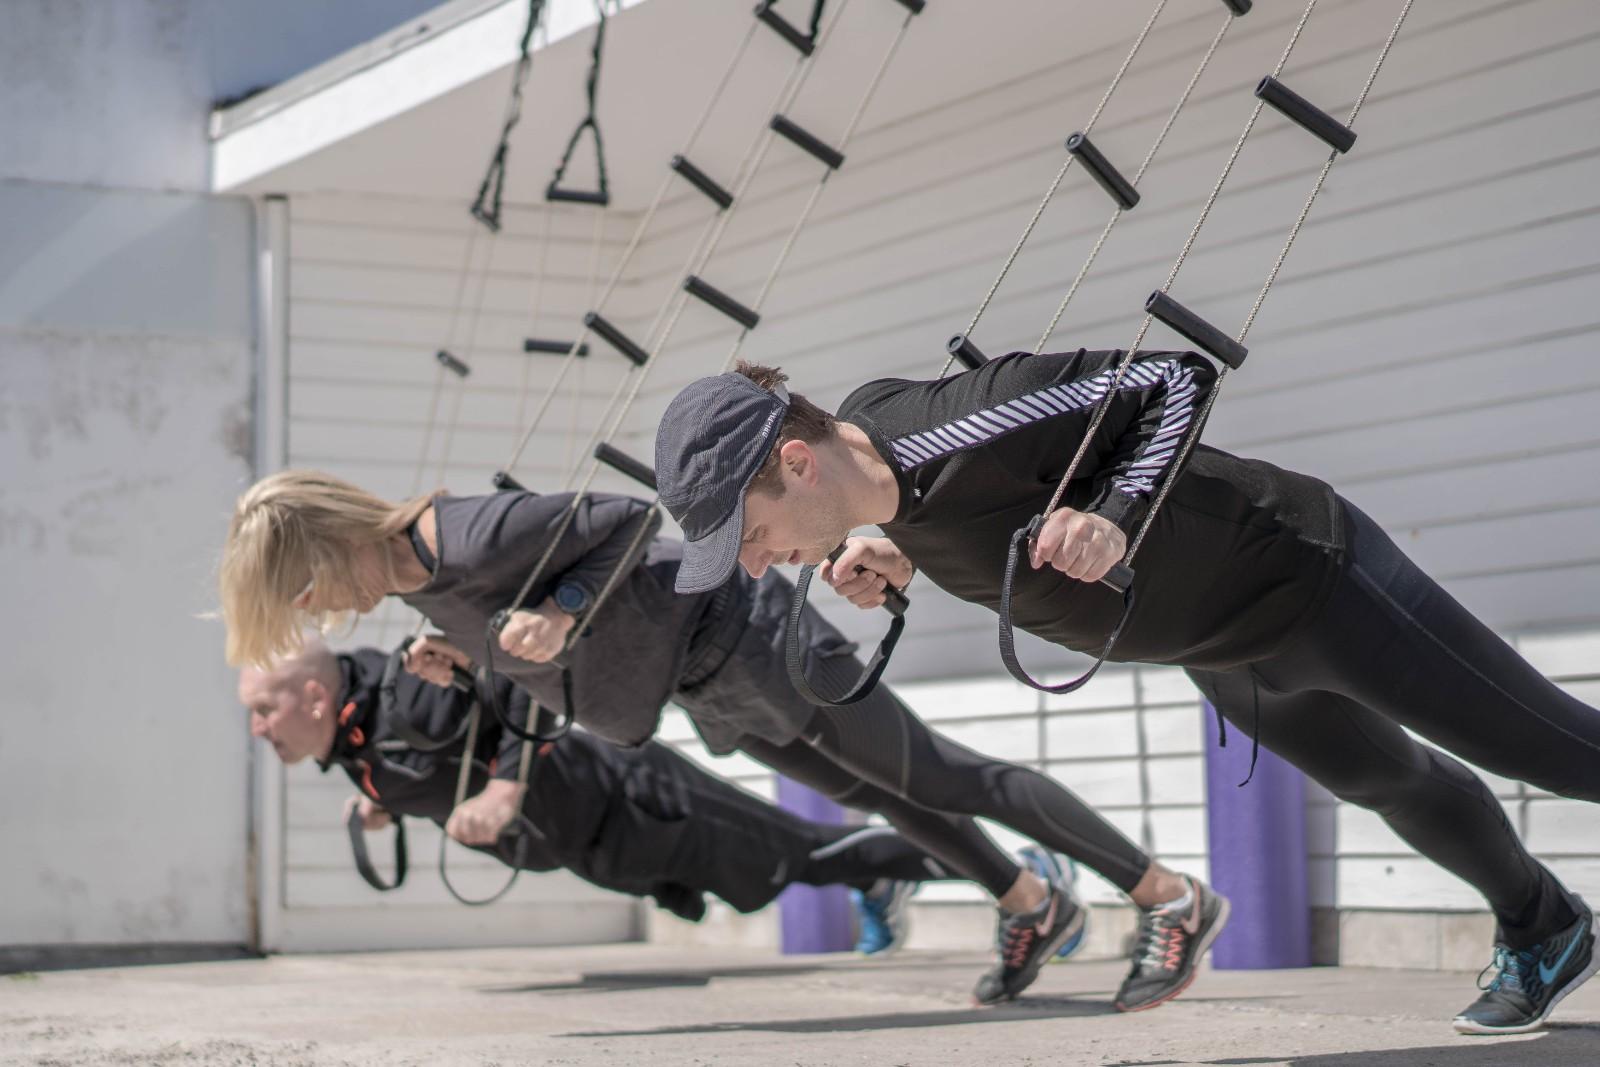 TAC-LAT PilatesAndMore.dk